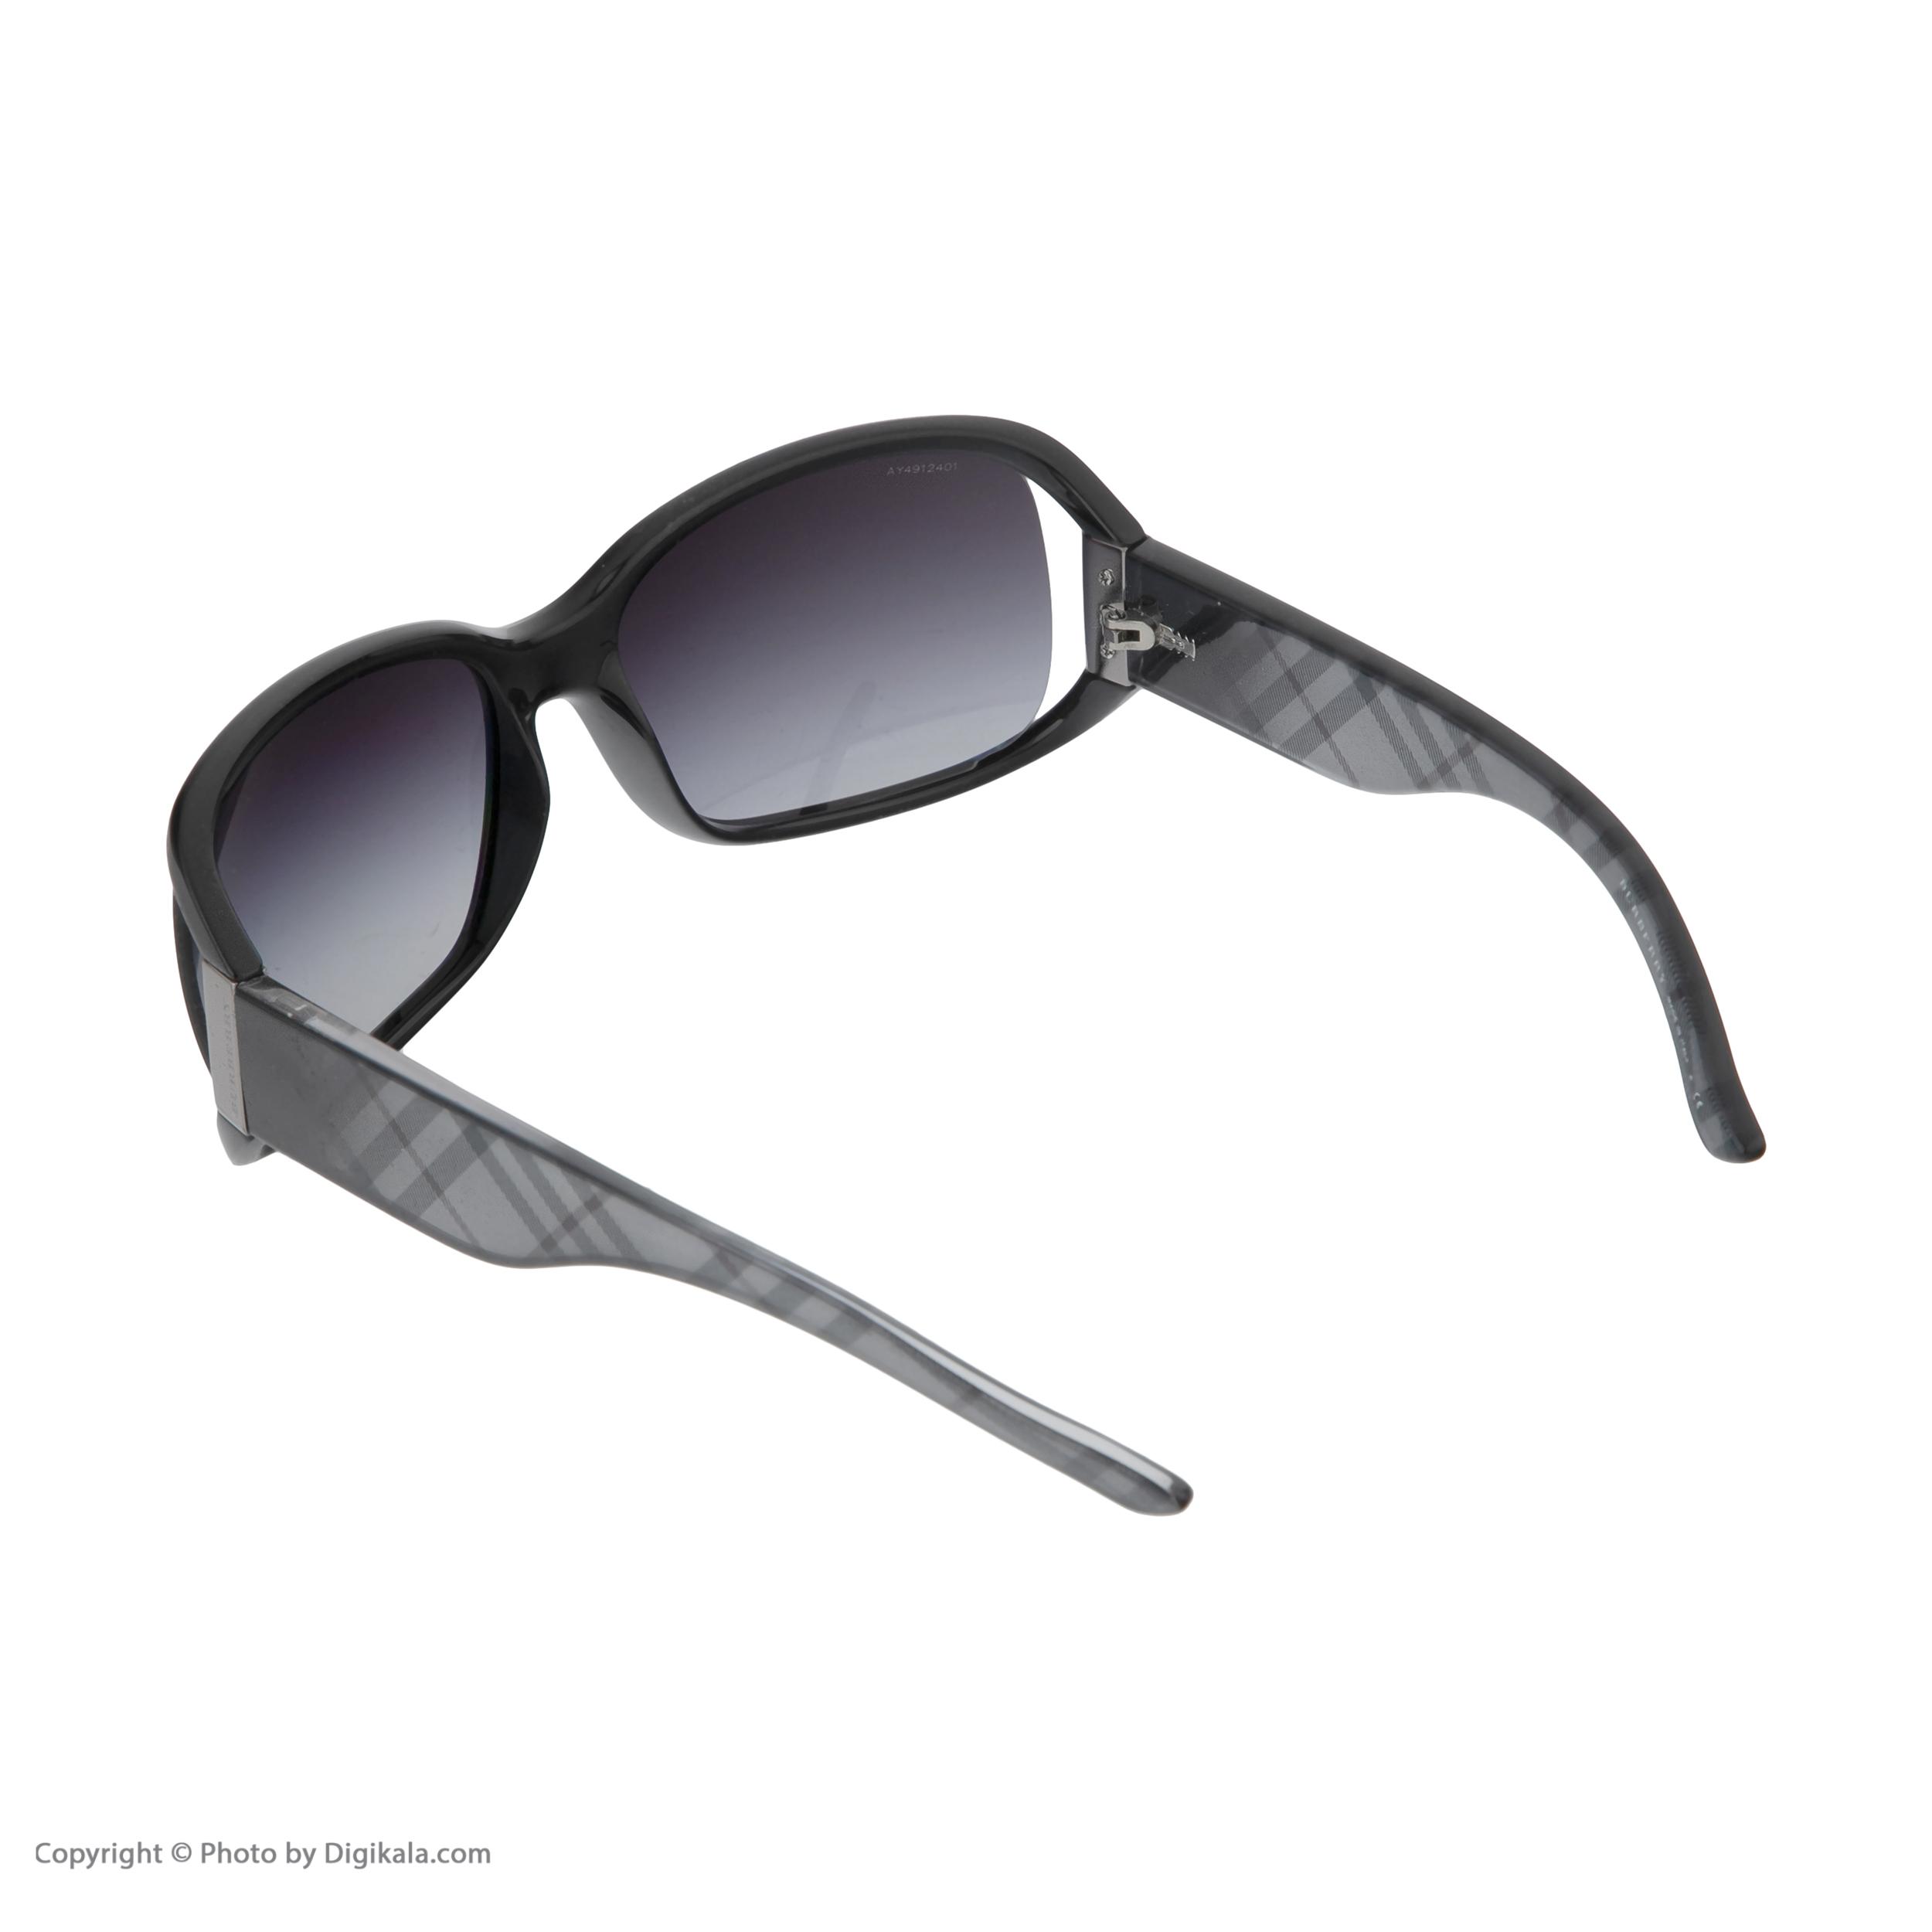 عینک آفتابی زنانه بربری مدل BE 4071S 316411 61 -  - 5